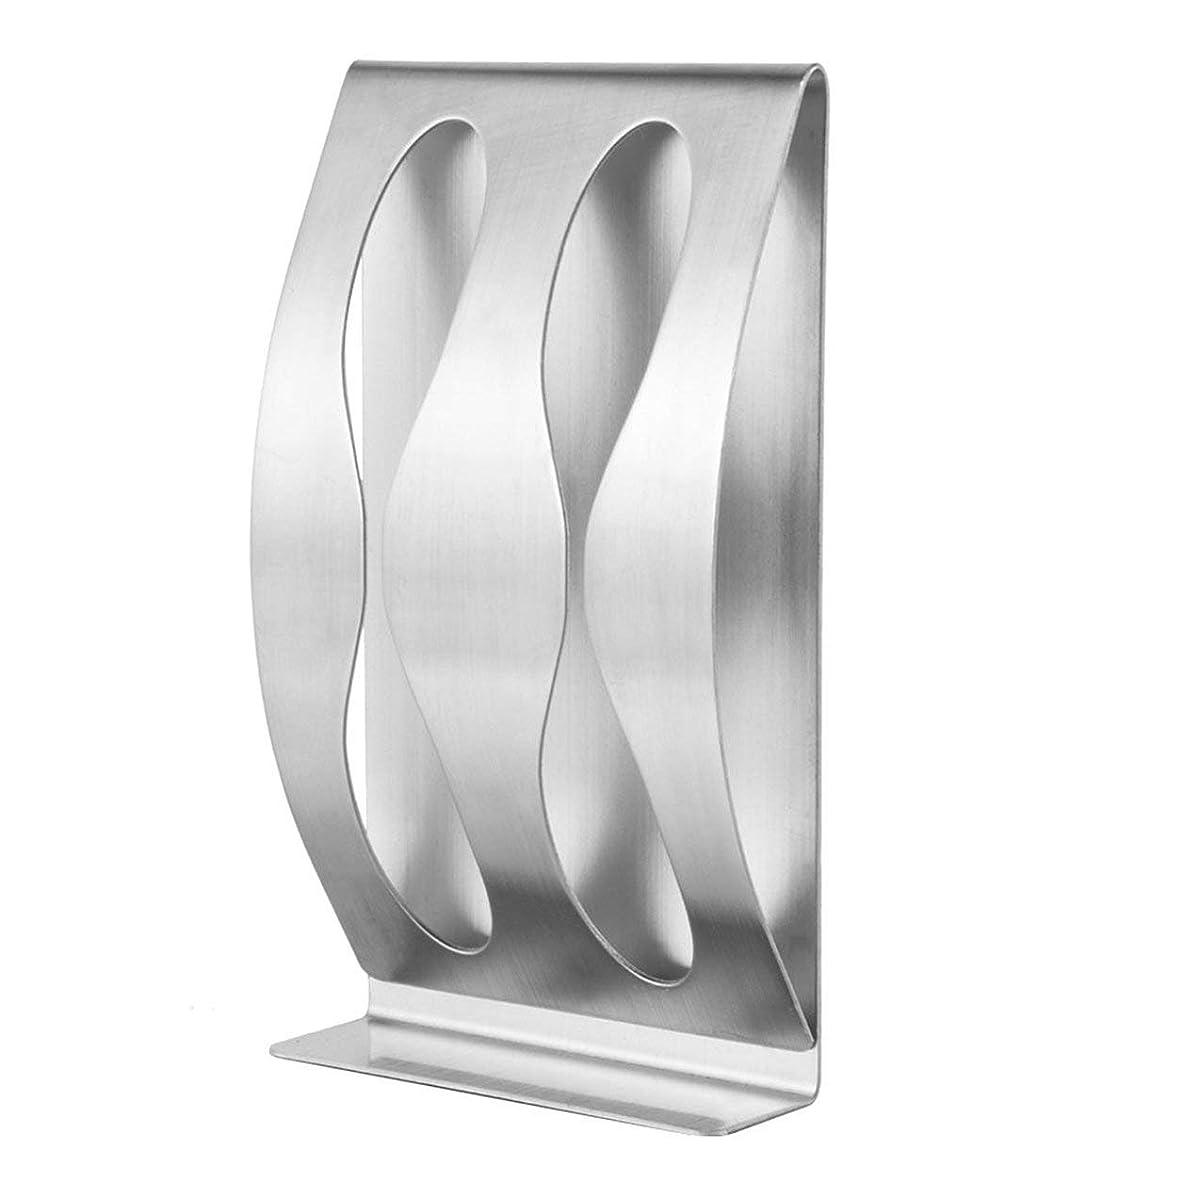 コピー暖かくジャンプする2穴の棚が付いているステンレス鋼の歯ブラシの壁に取り付けられた歯ブラシのホールダー、銀